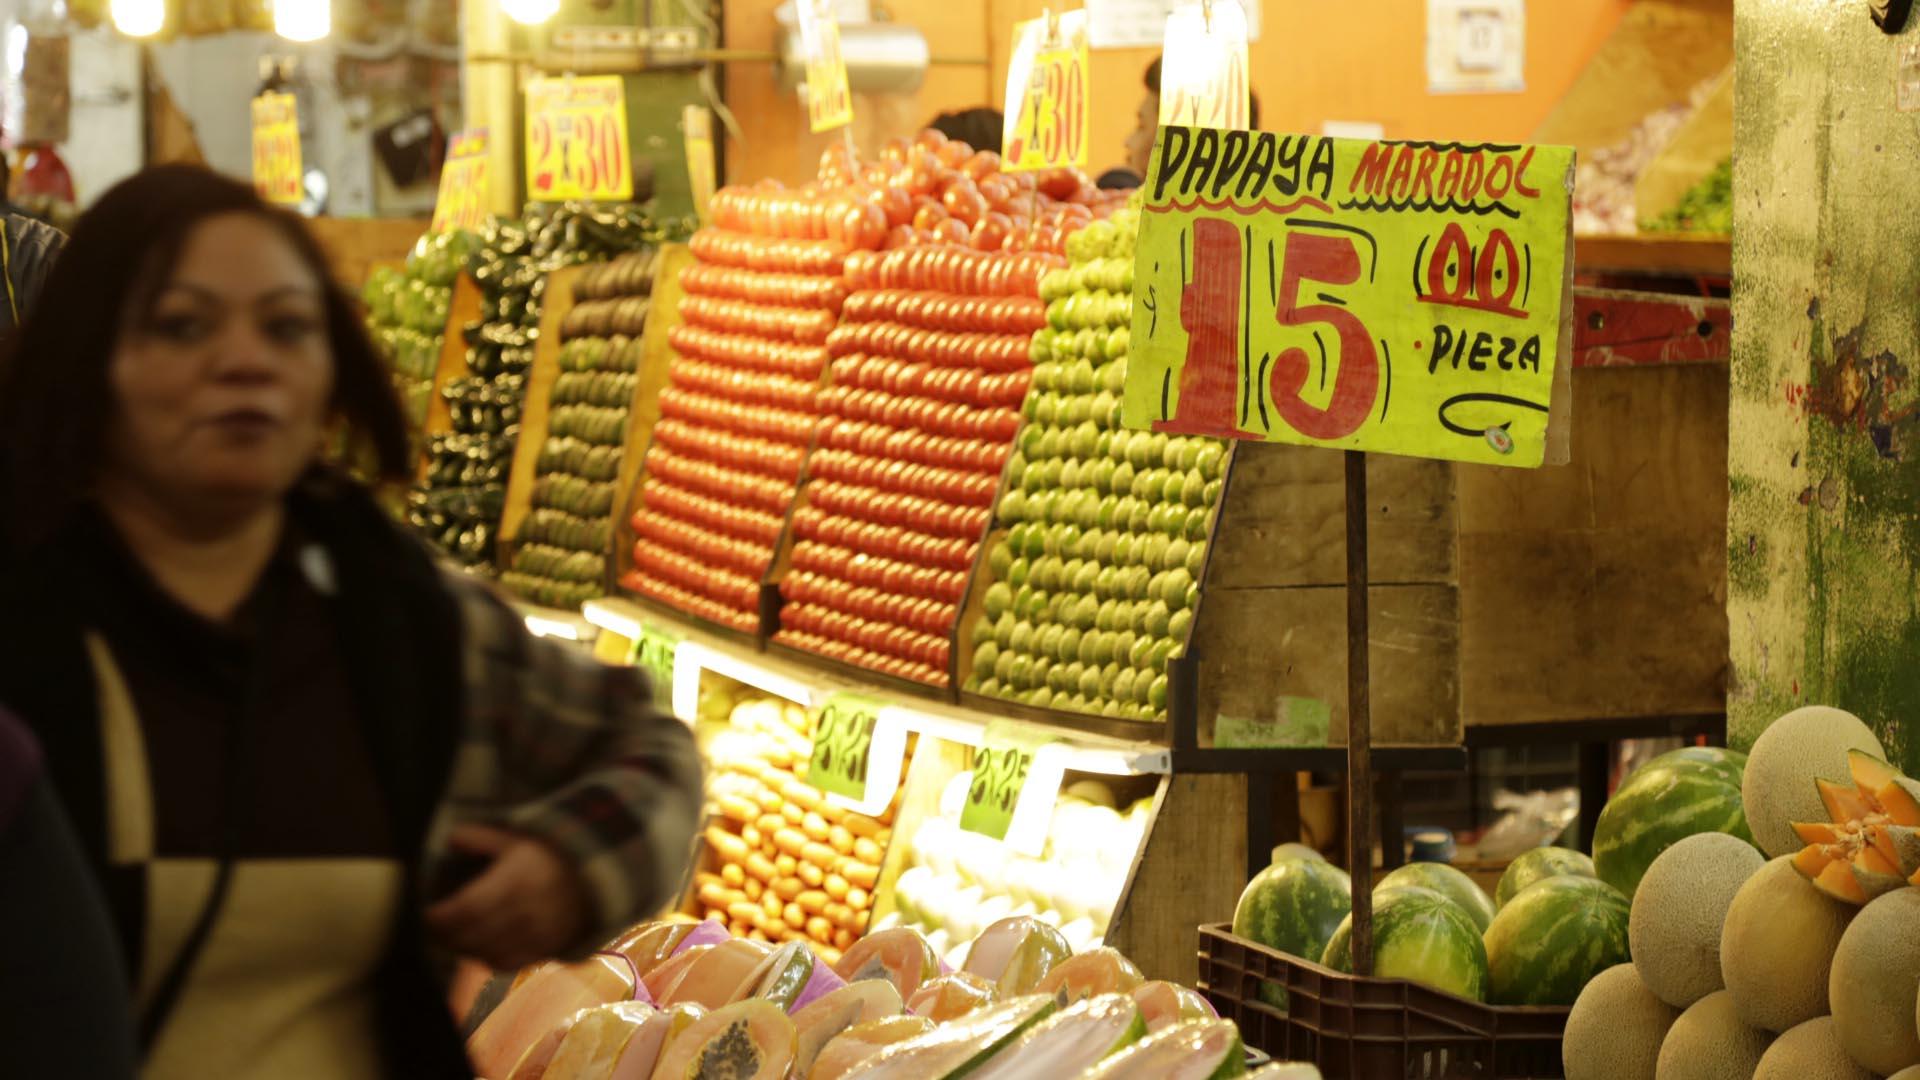 Analistas prevén freno en inflación en primera mitad de febrero